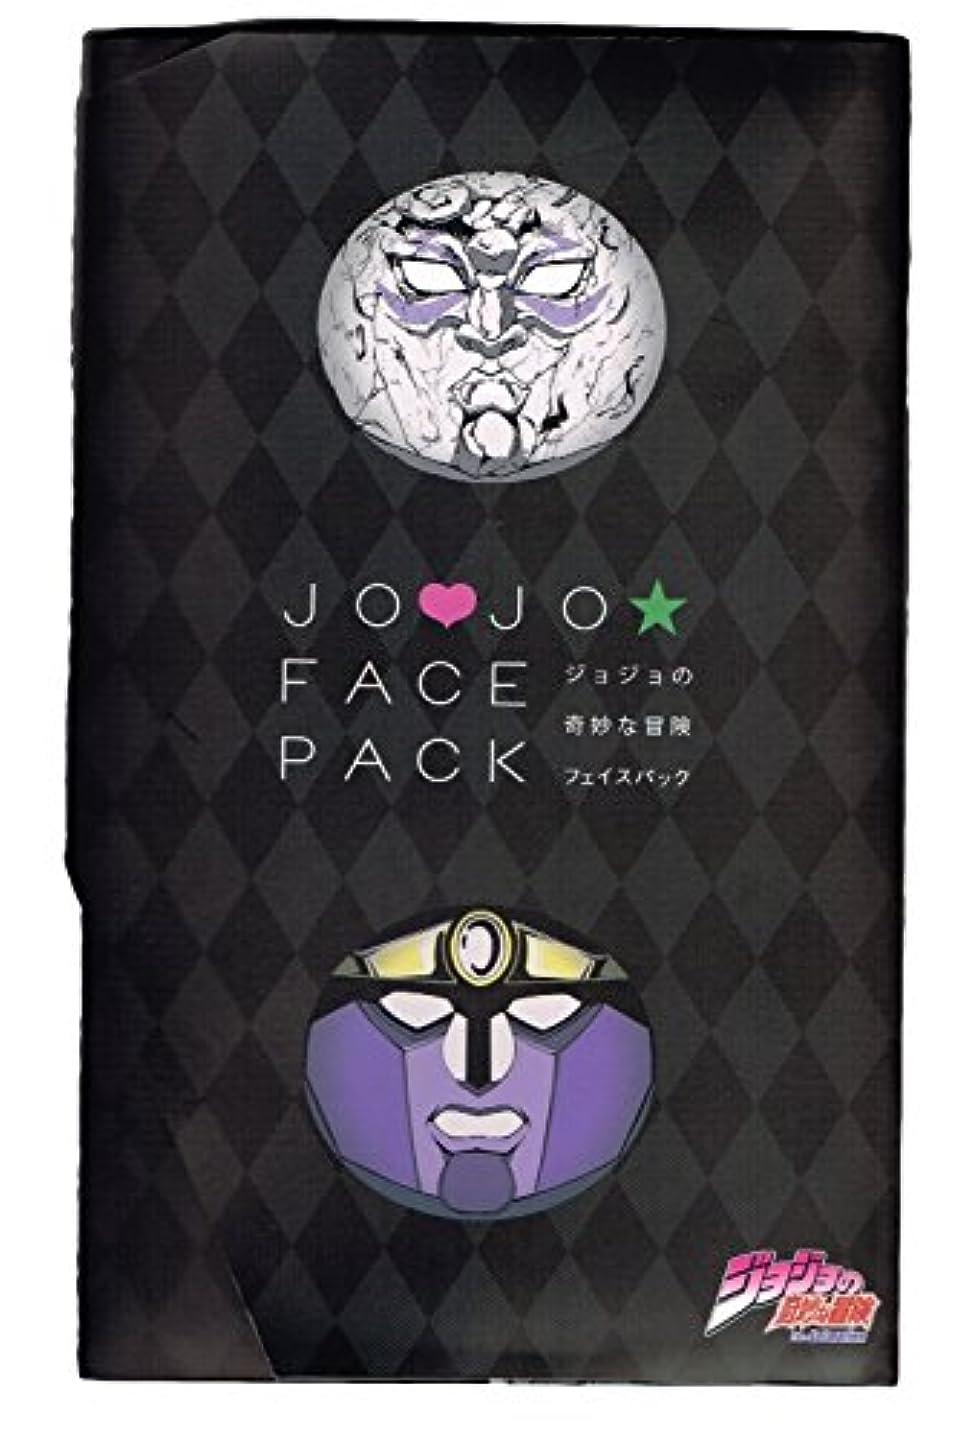 計算するクーポンタイヤジョジョの奇妙な冒険フェイスパック 石仮面 / スタープラチナ